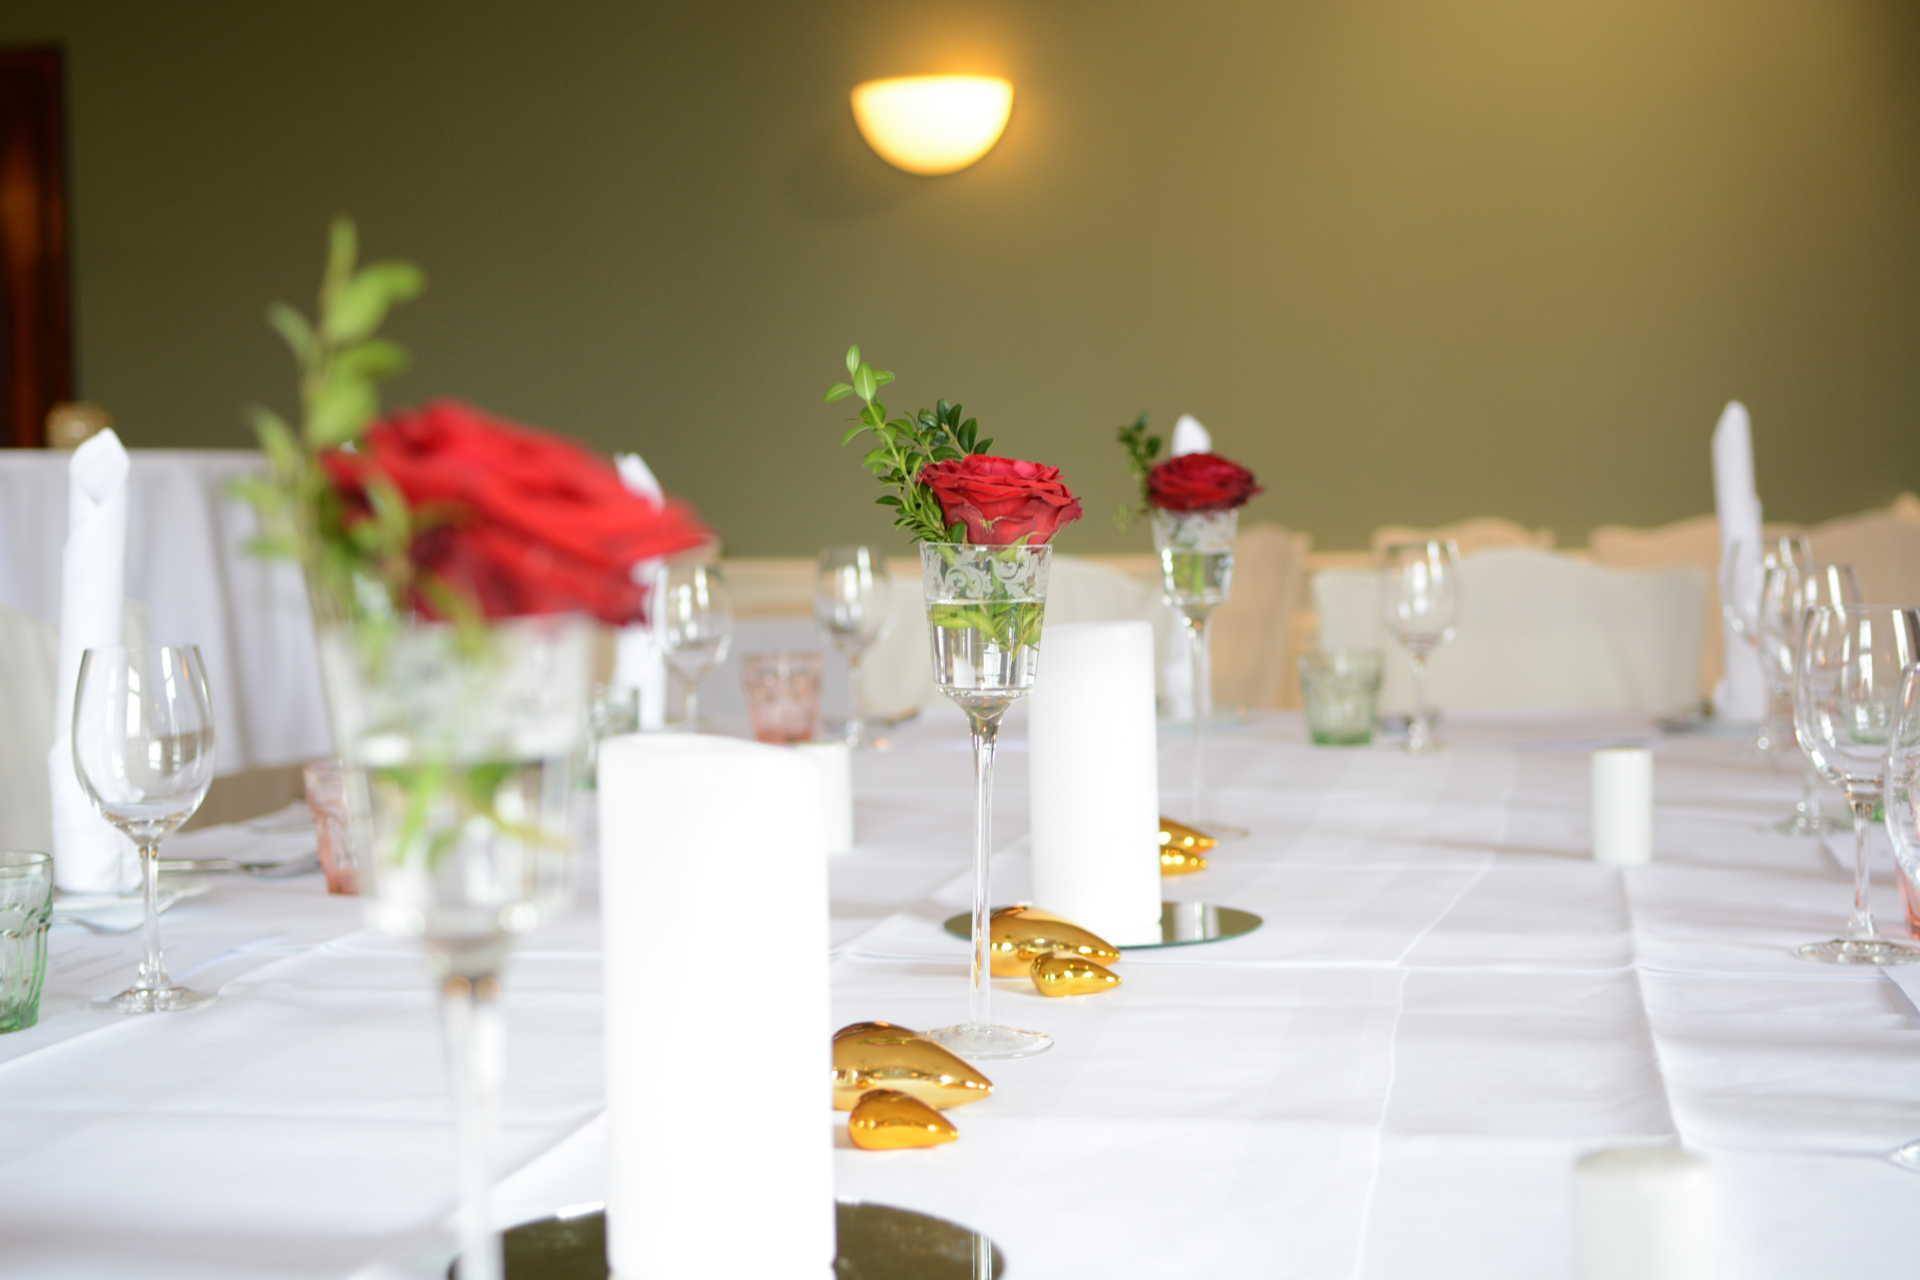 Tischdeko für feierliches Ambiente